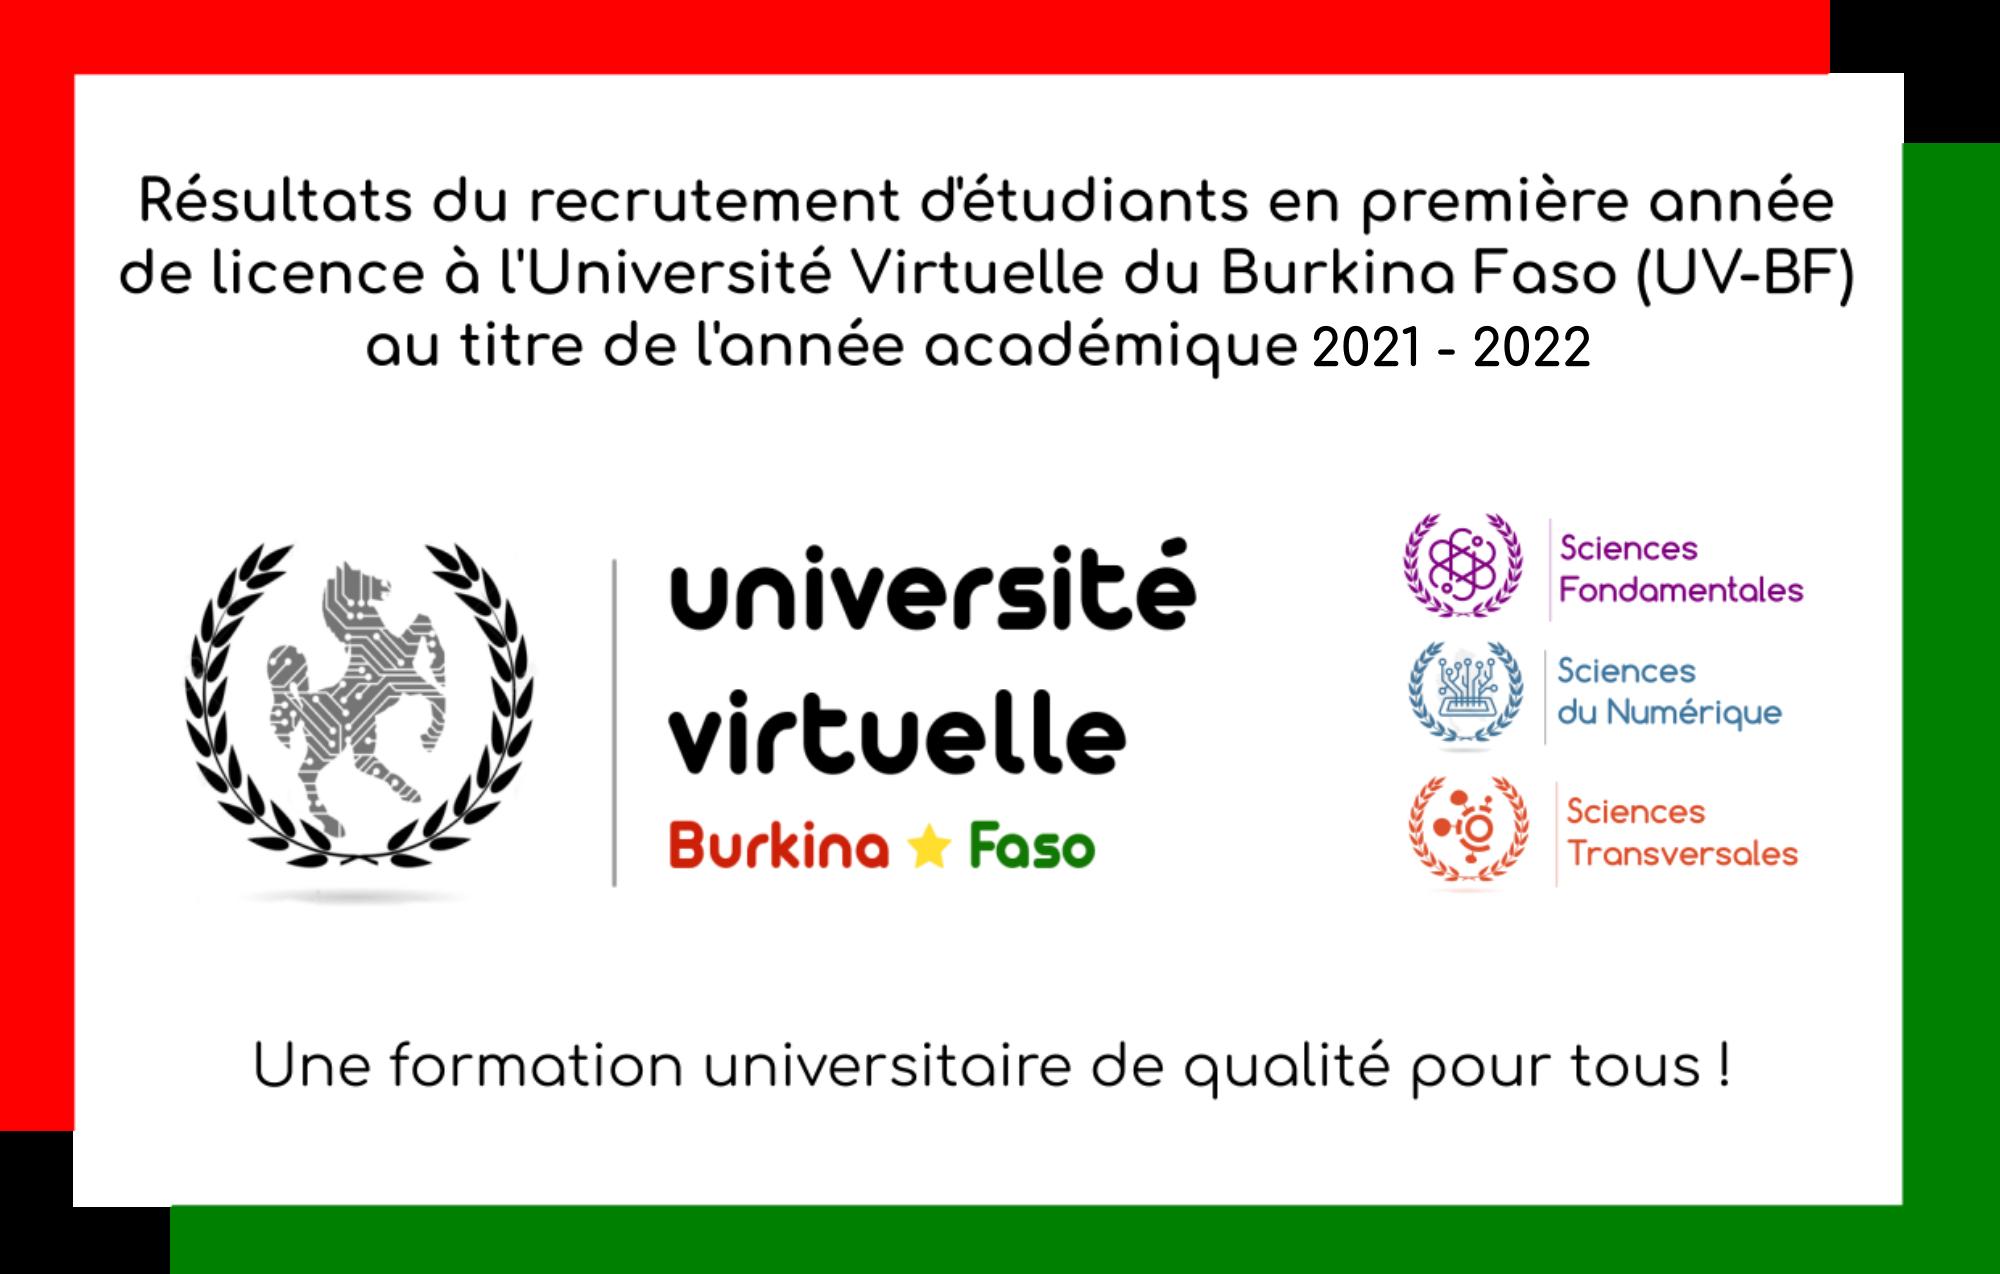 Résultats de l'appel à candidature pour le recrutement complémentaire sur dossier d'étudiant en première année de licence au titre de l'année académique 2021-2022